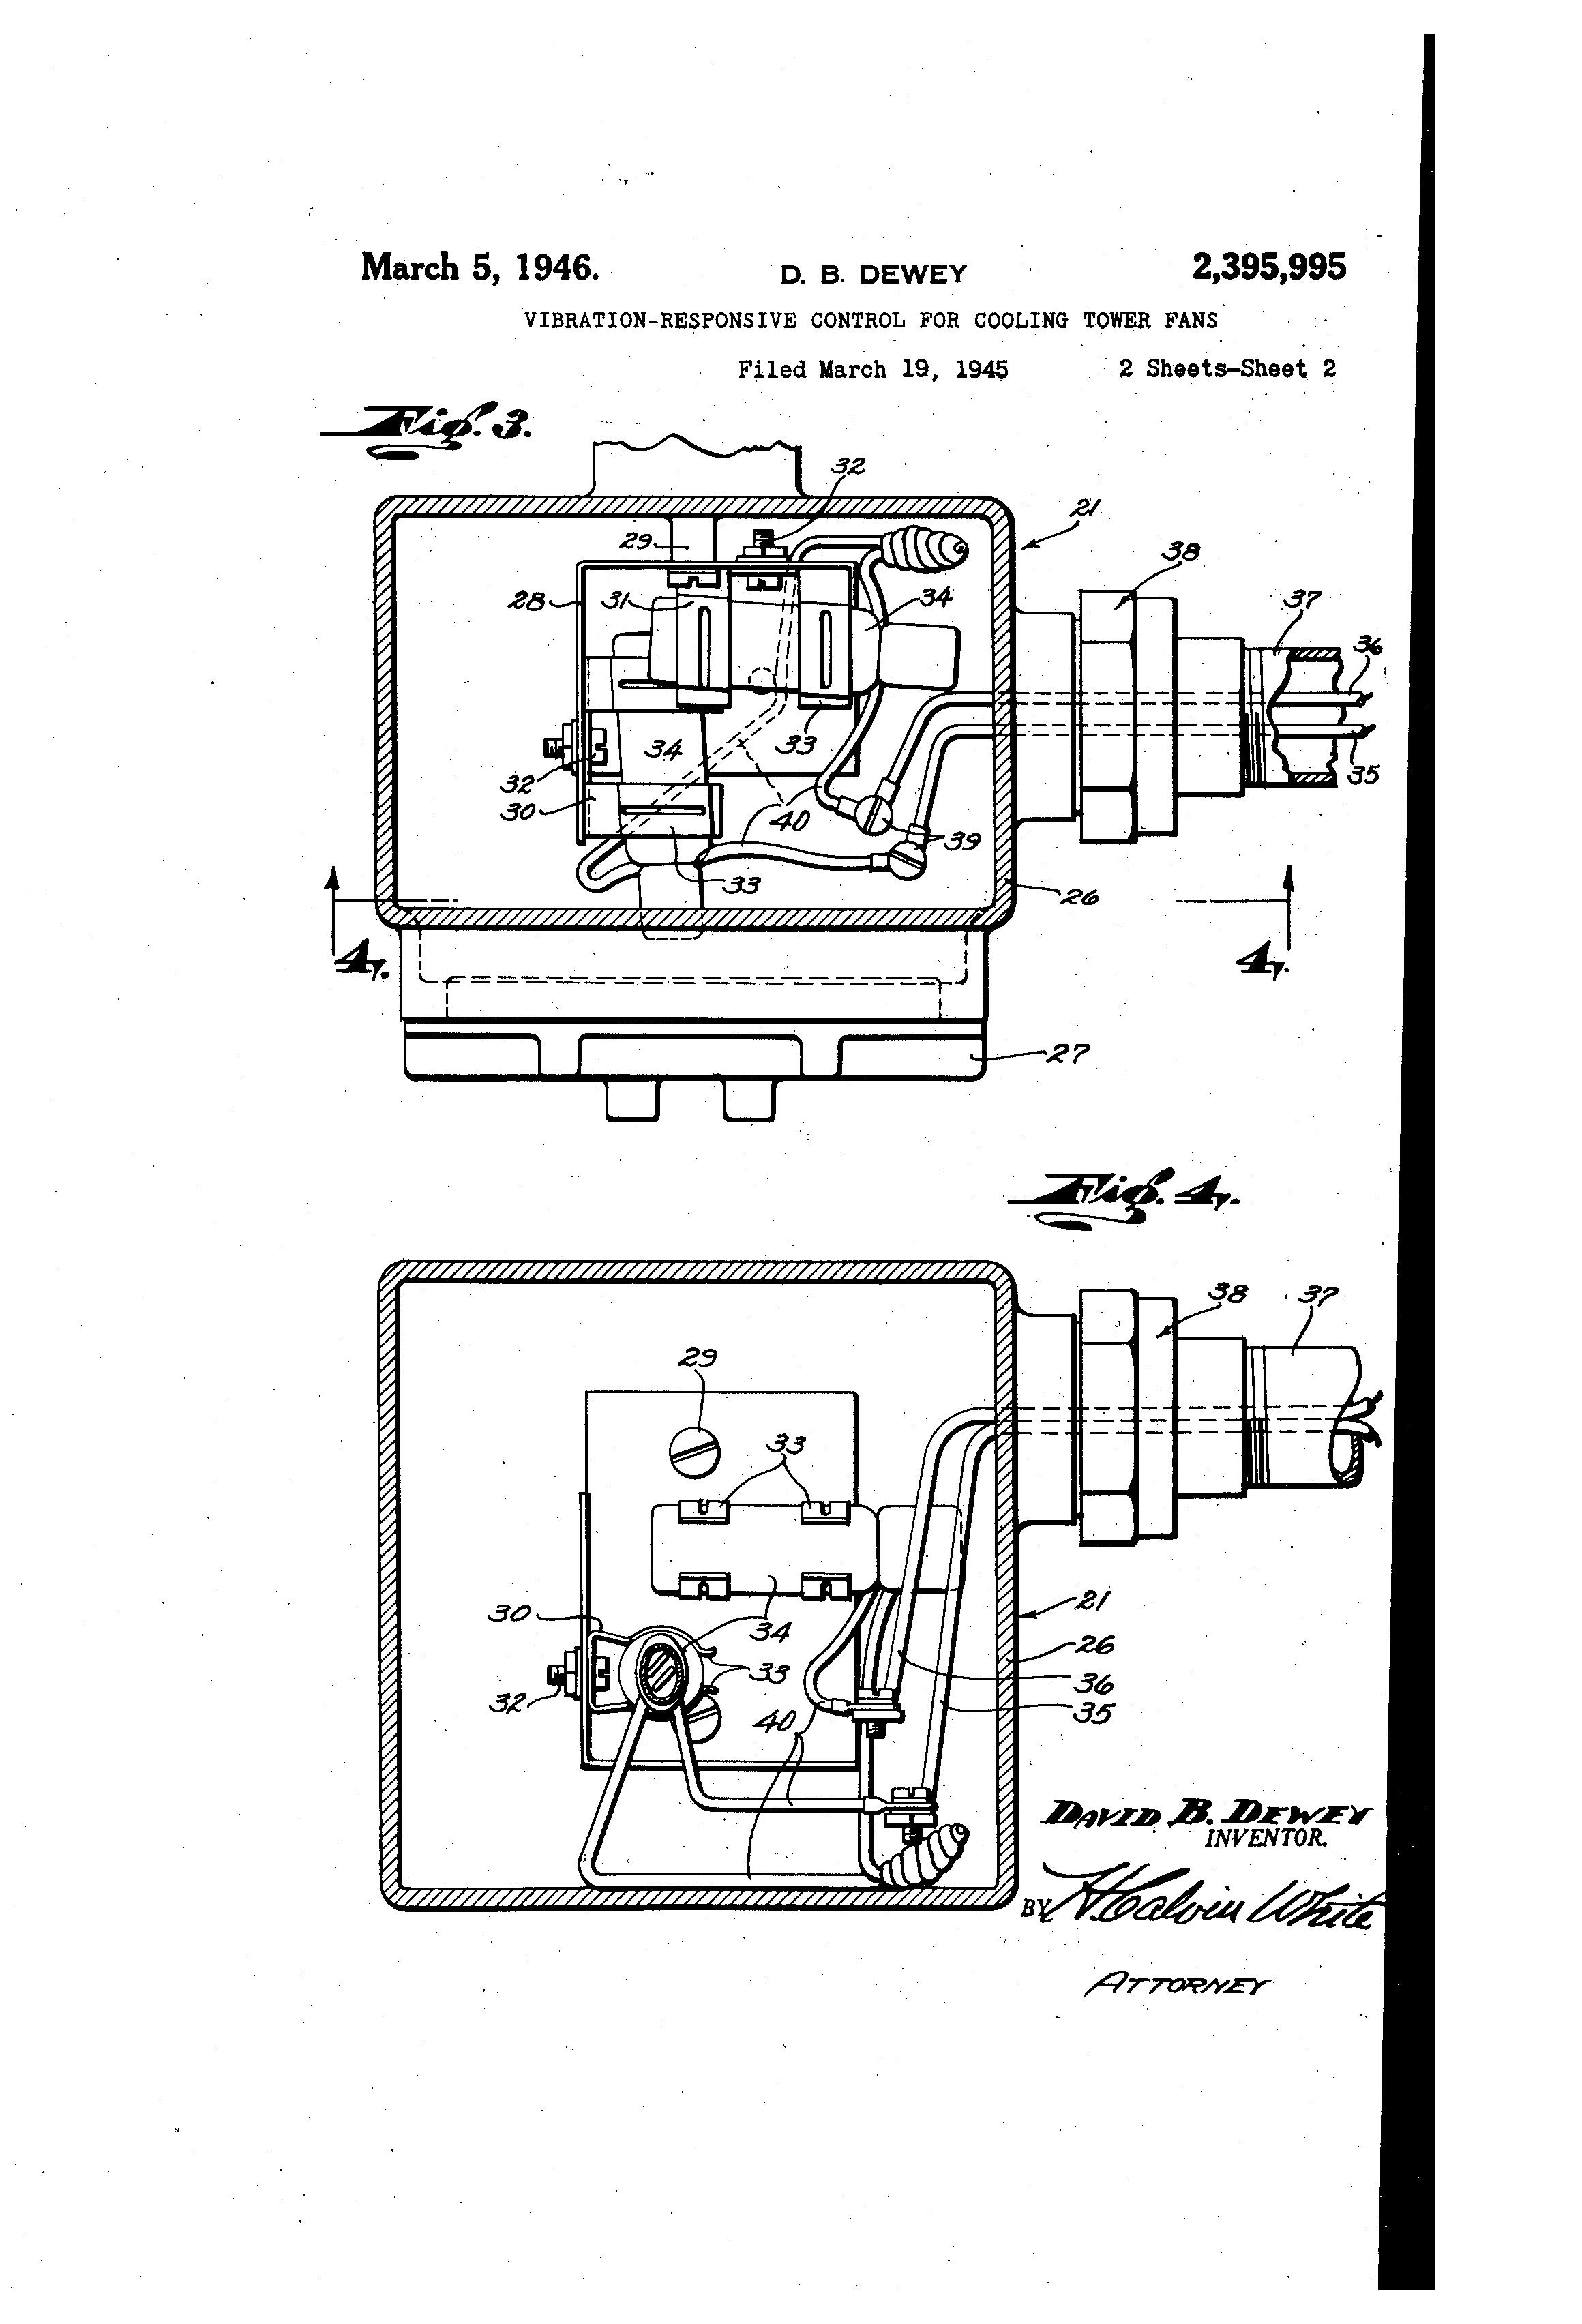 VX_9738] Wiring Diagram For Bac Schematic WiringNorab Dylit Mepta Mohammedshrine Librar Wiring 101